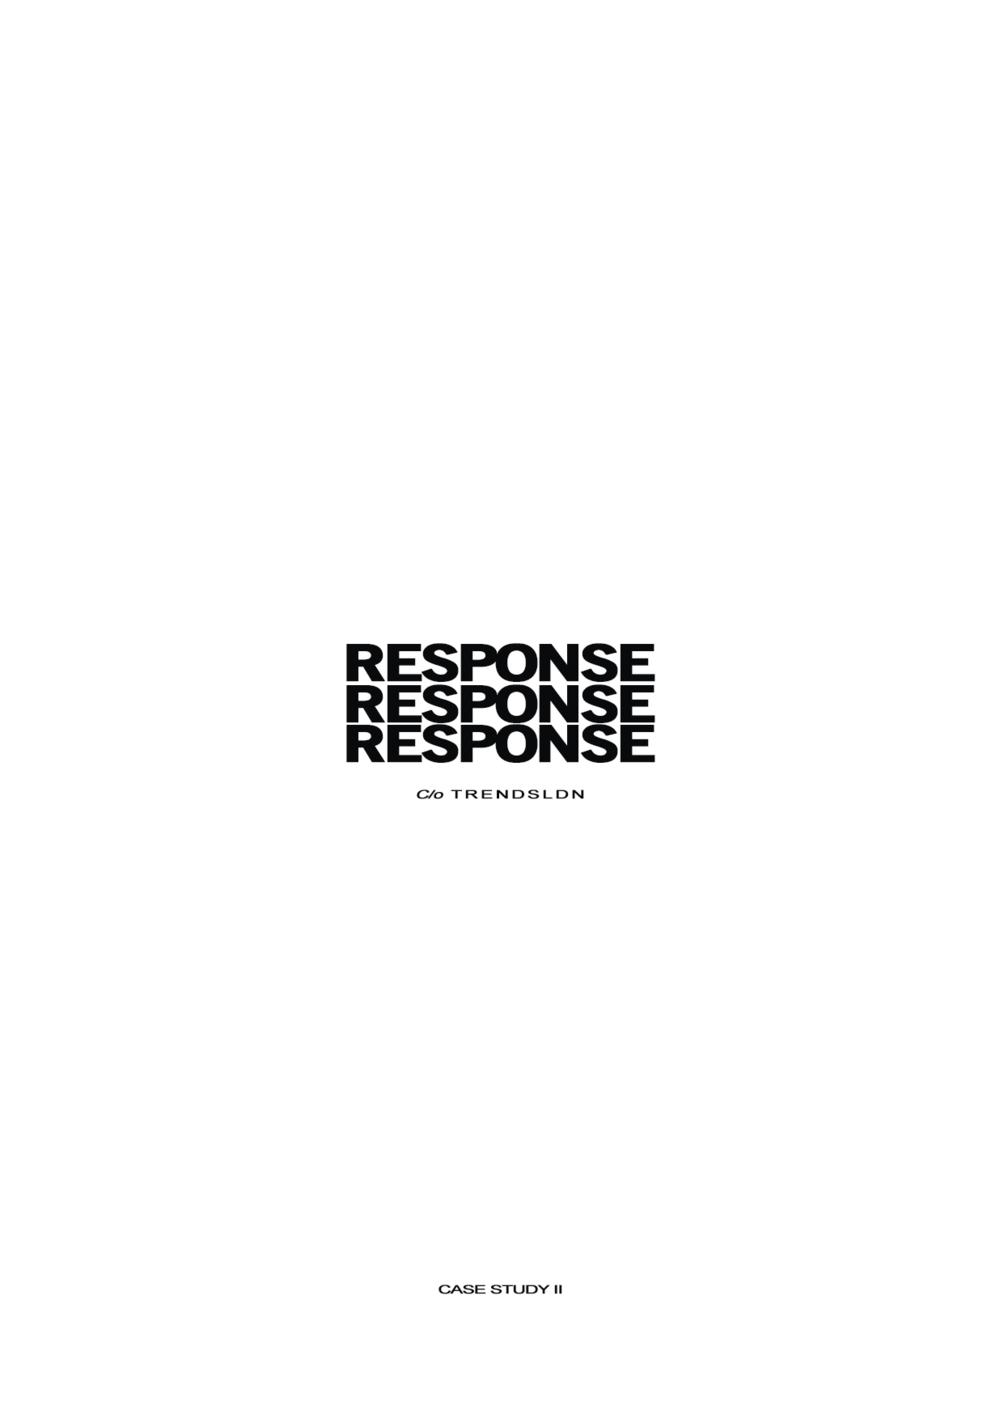 RESPONSE+HEADER.png